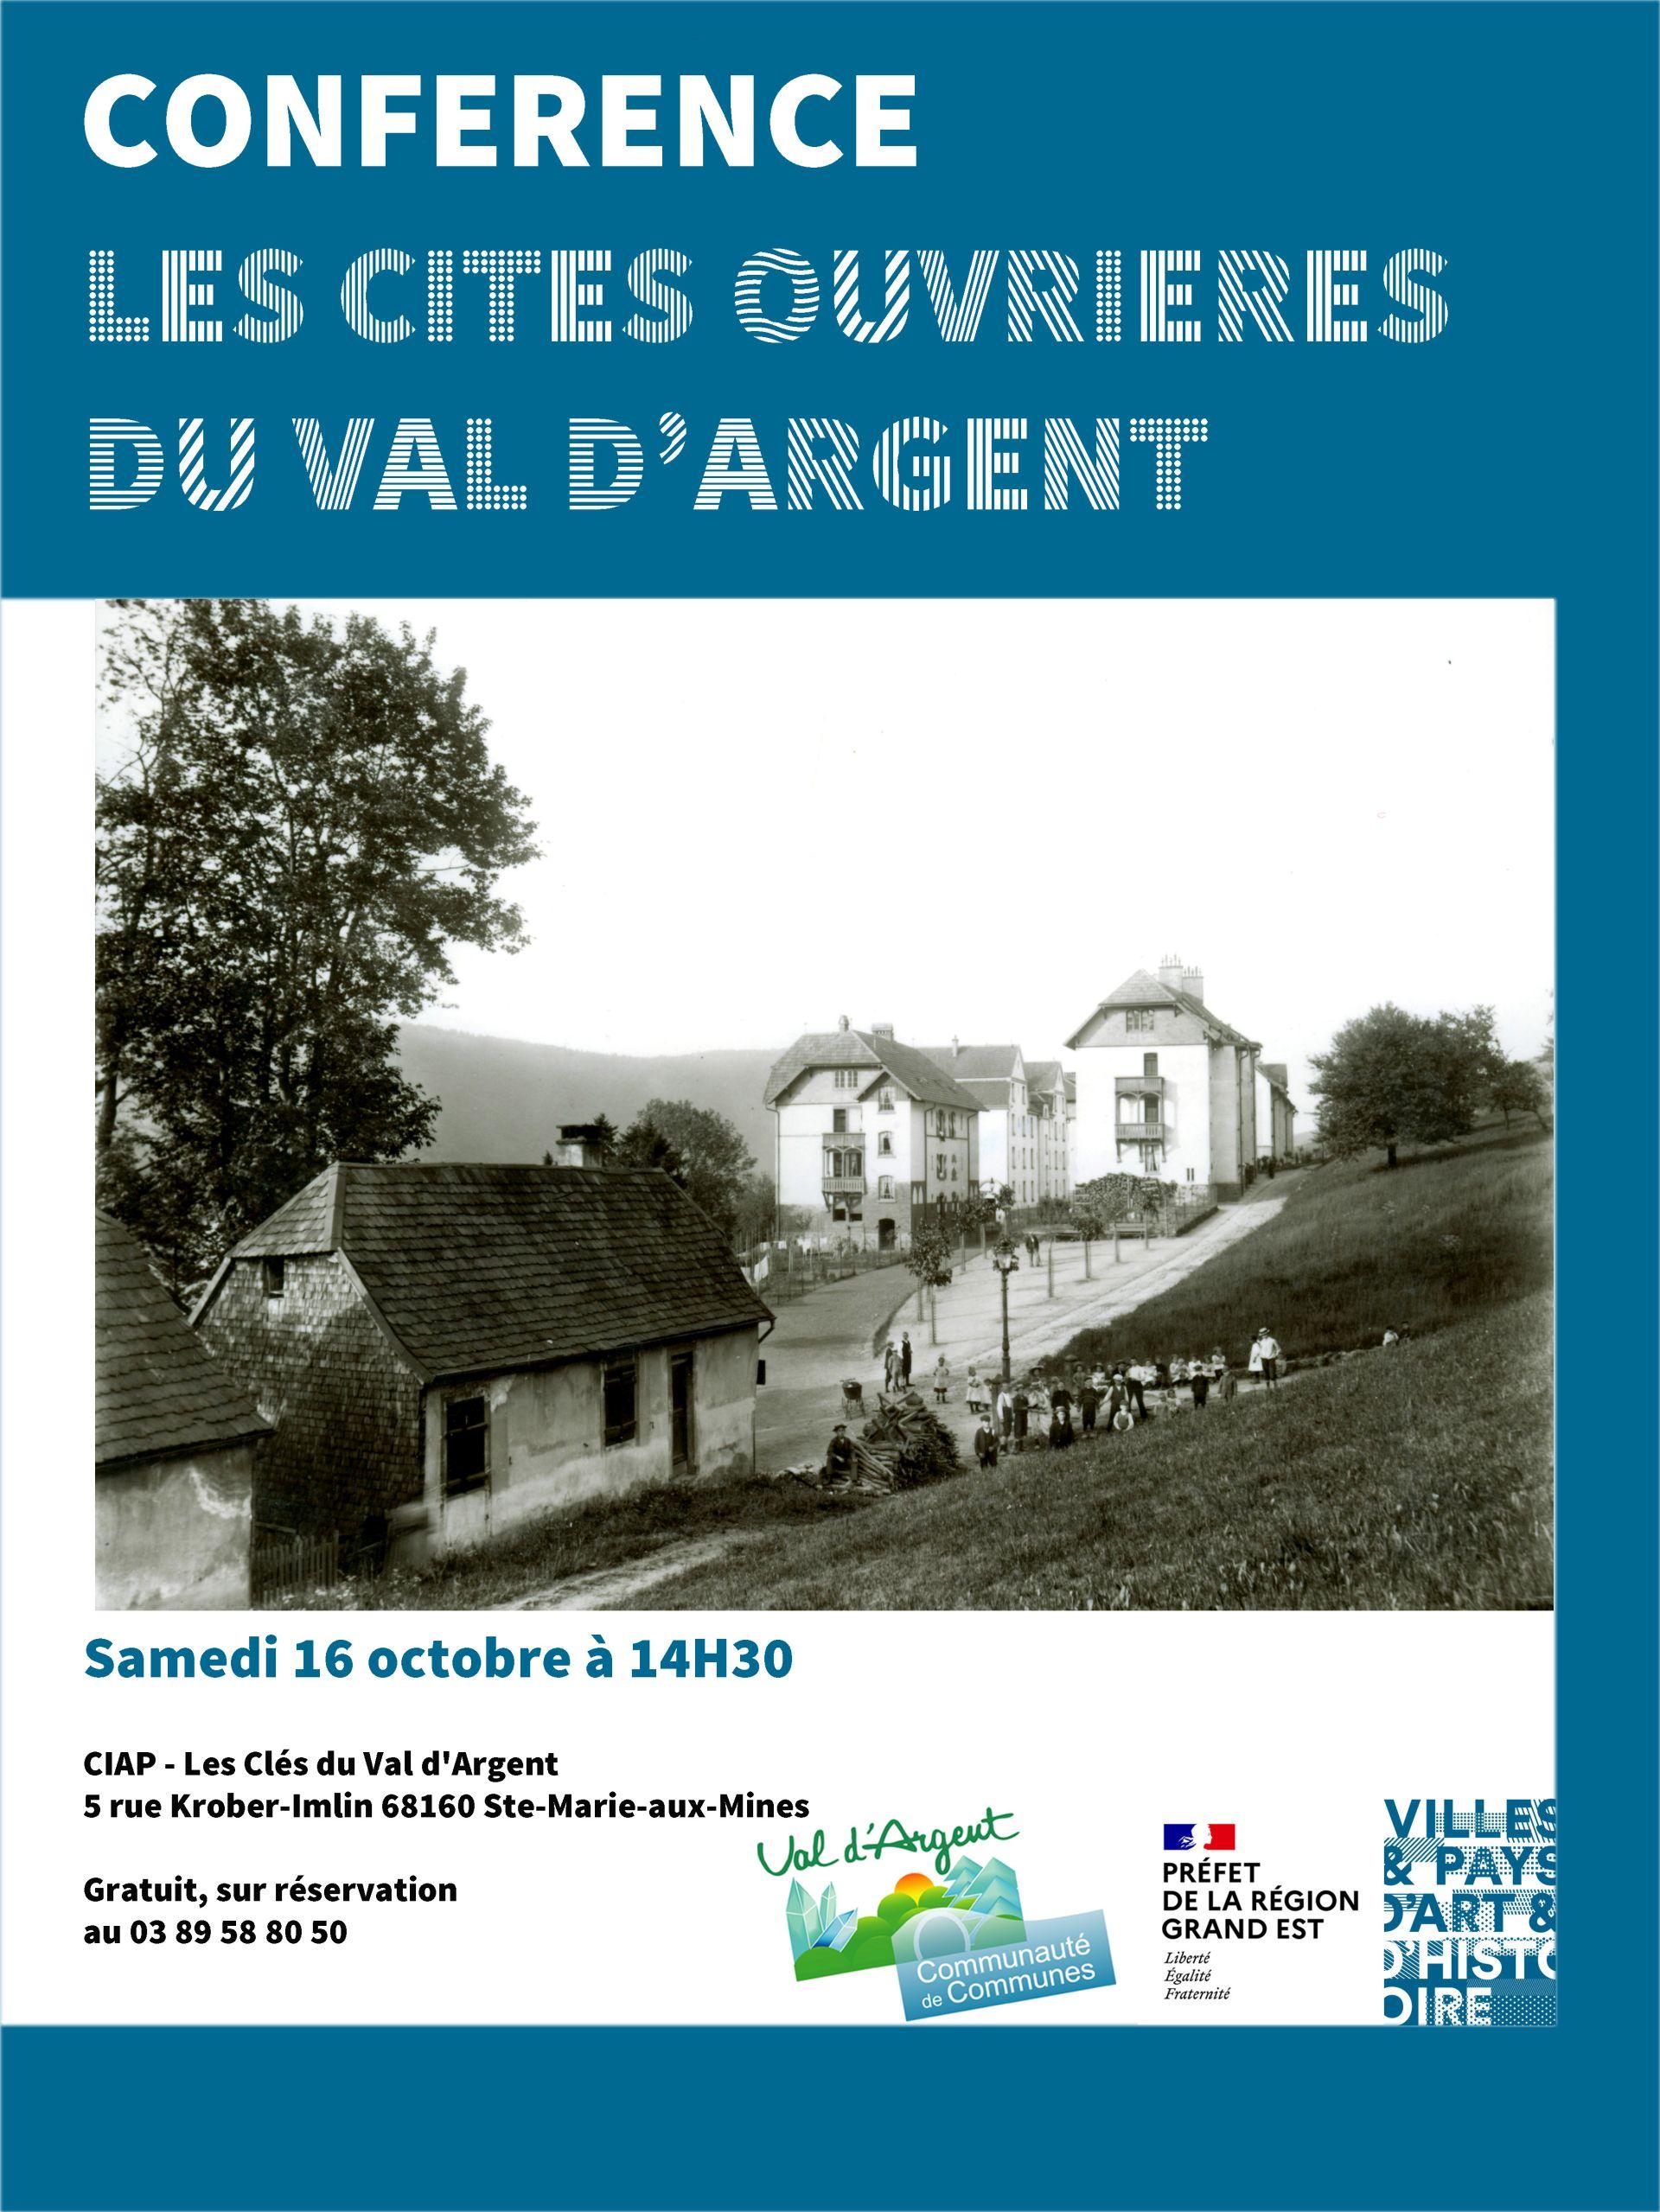 La journée de l'architecture : le prieuré de Lièpvre en 3D